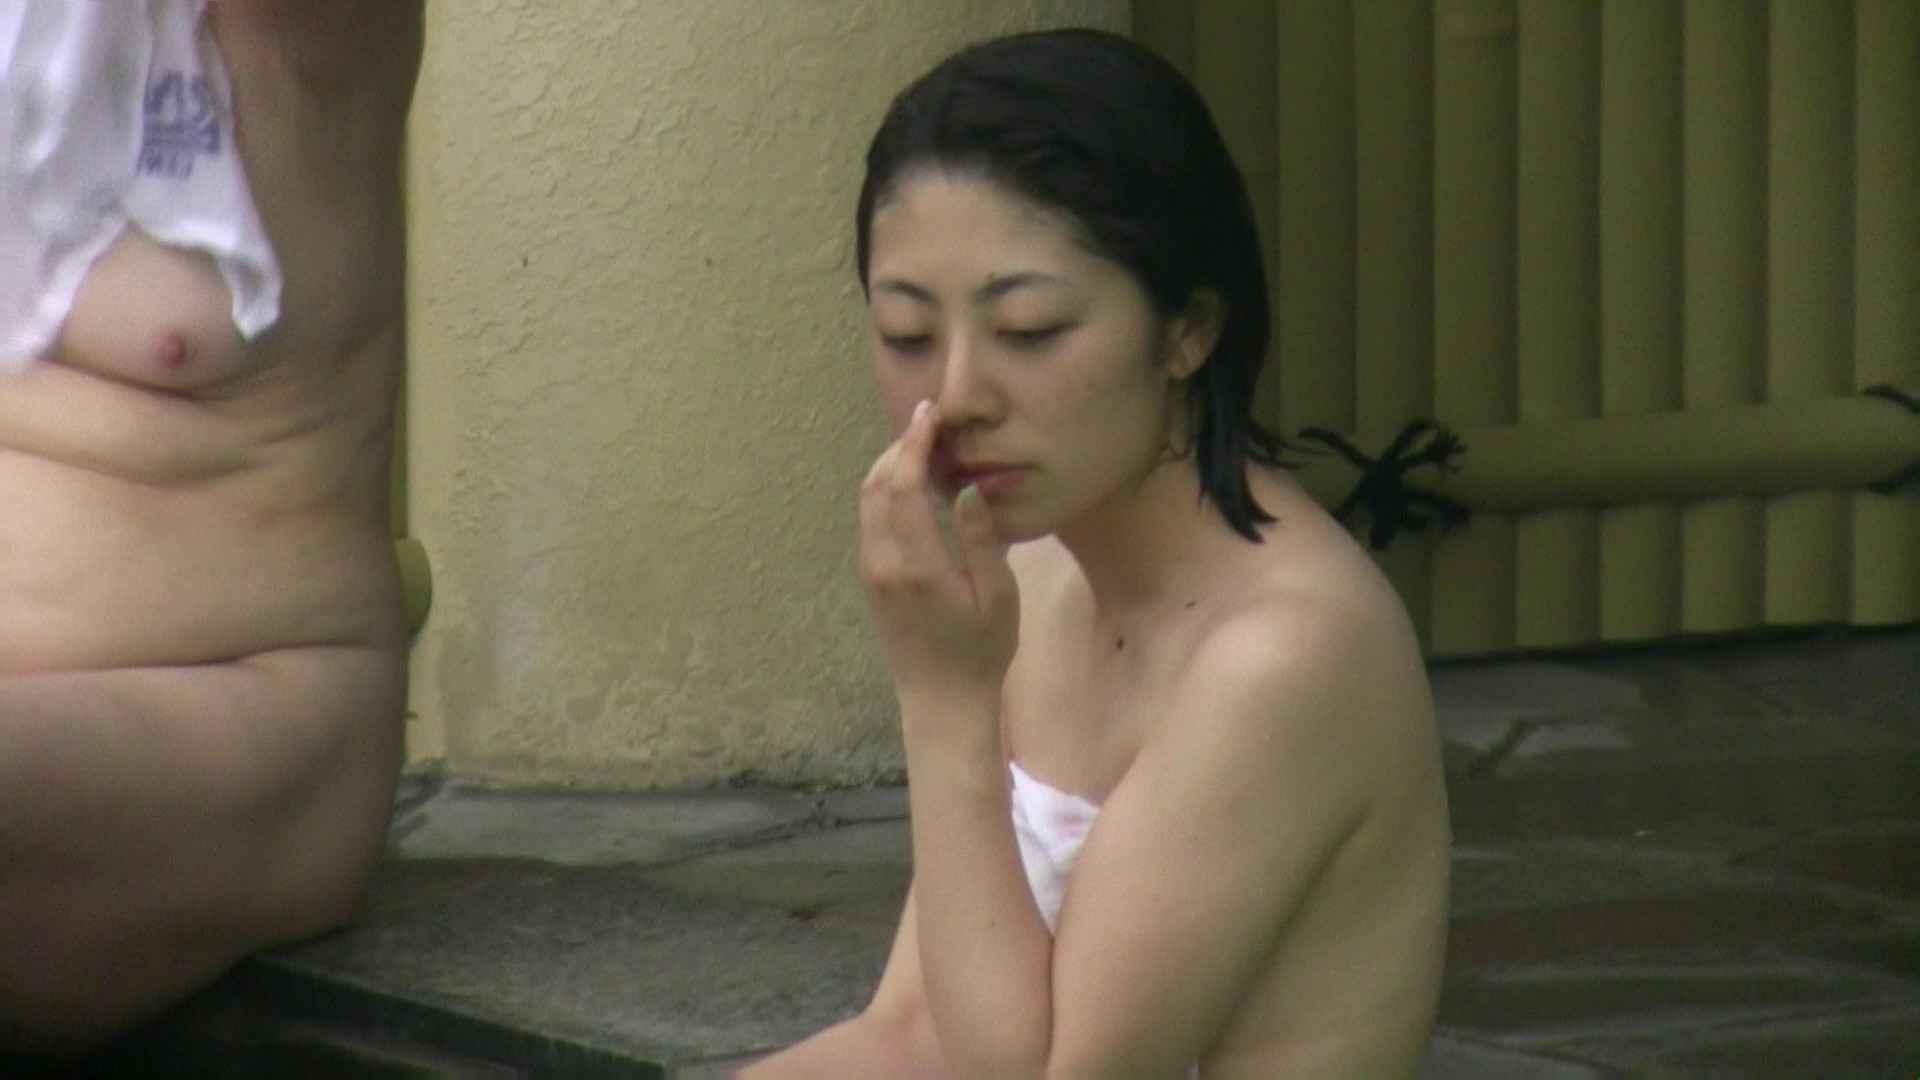 Aquaな露天風呂Vol.04 OLのエロ生活   盗撮  32連発 19